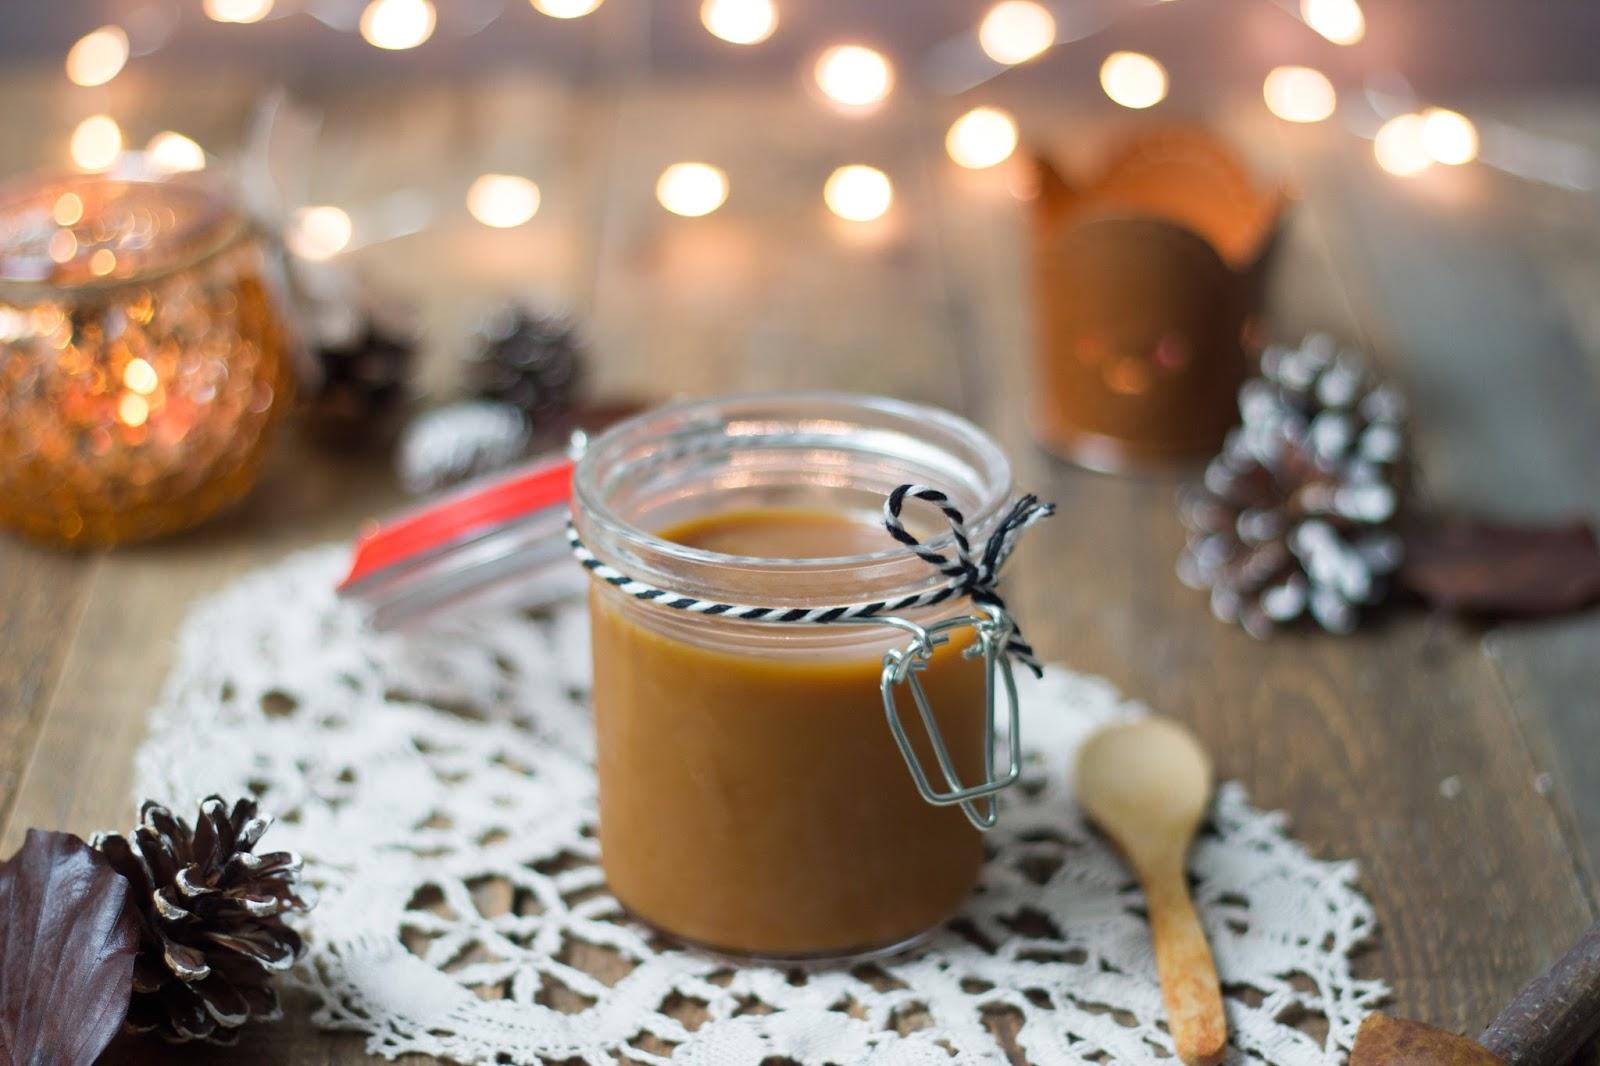 https://carnet-sucre.blogspot.com/2017/12/caramel-au-beurre-sale.html